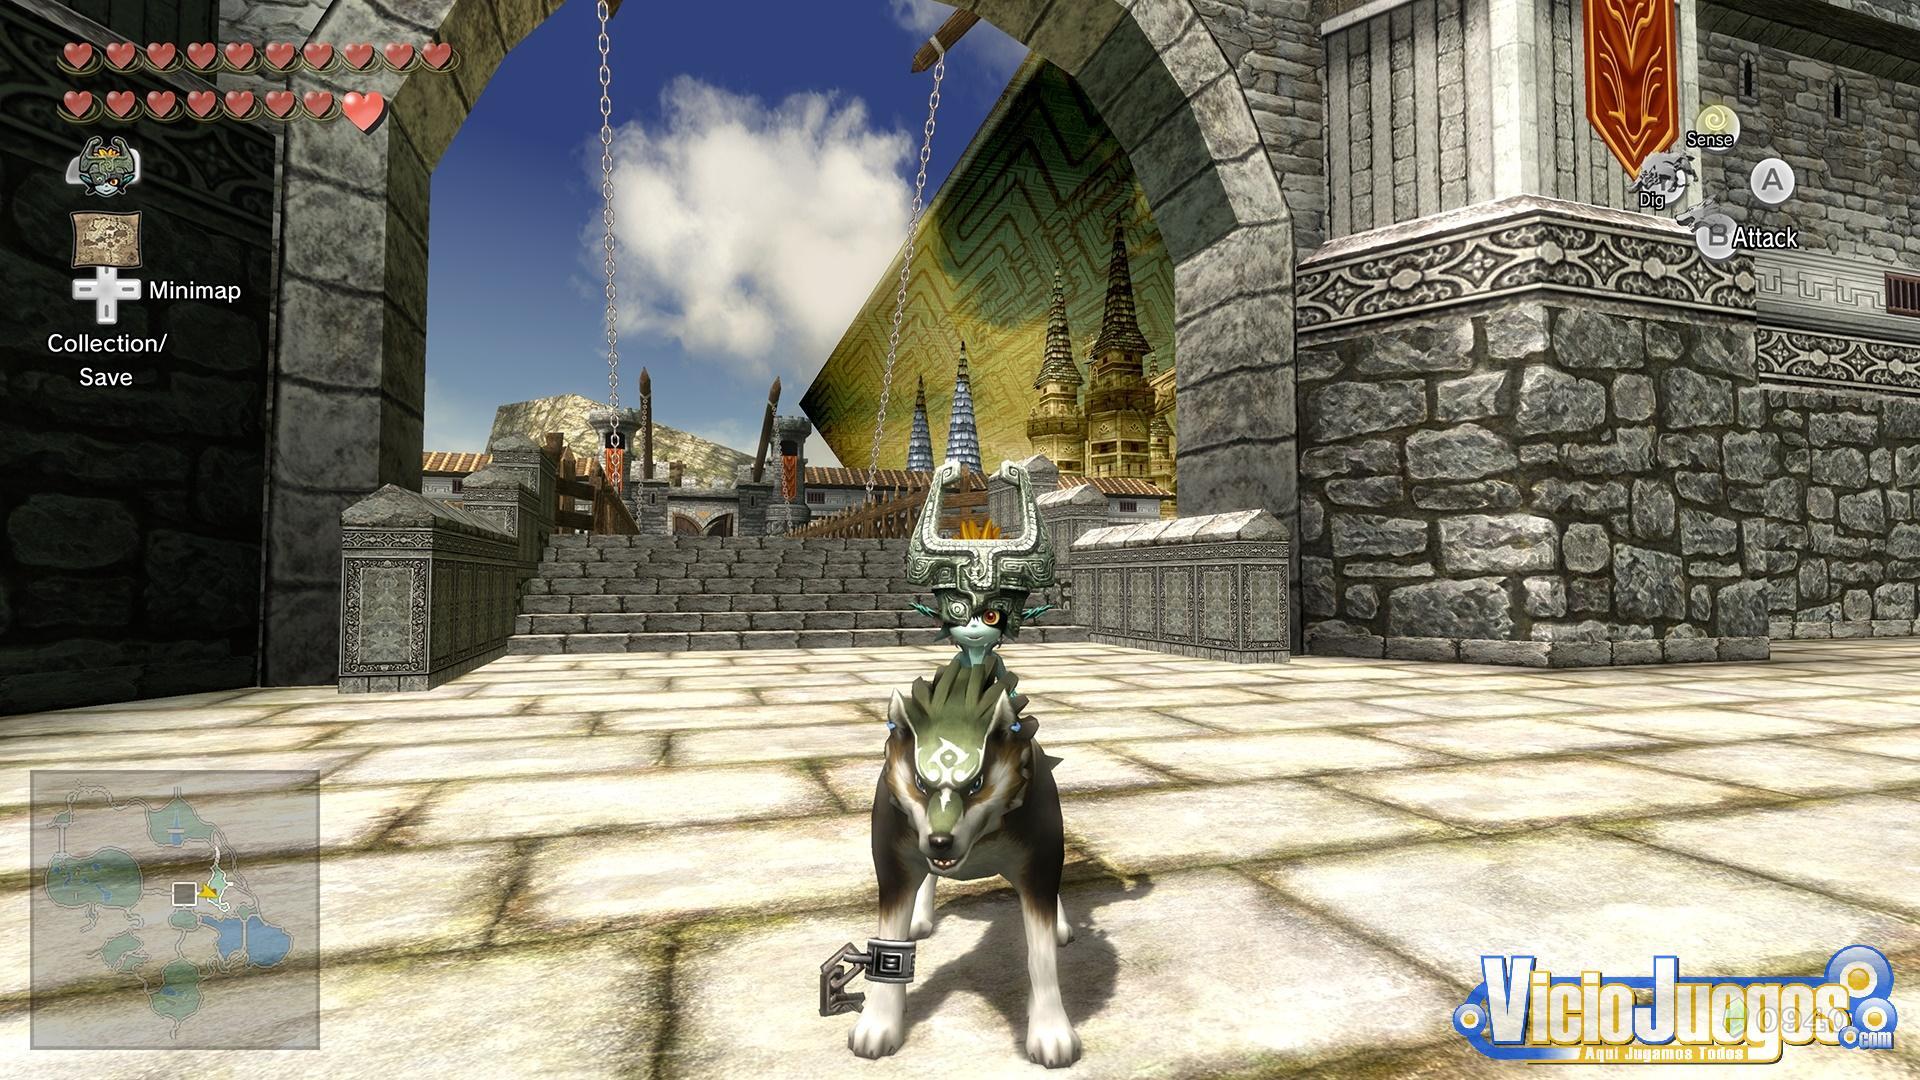 Análisis De The Legend Of Zelda Twilight Princess Hd Para